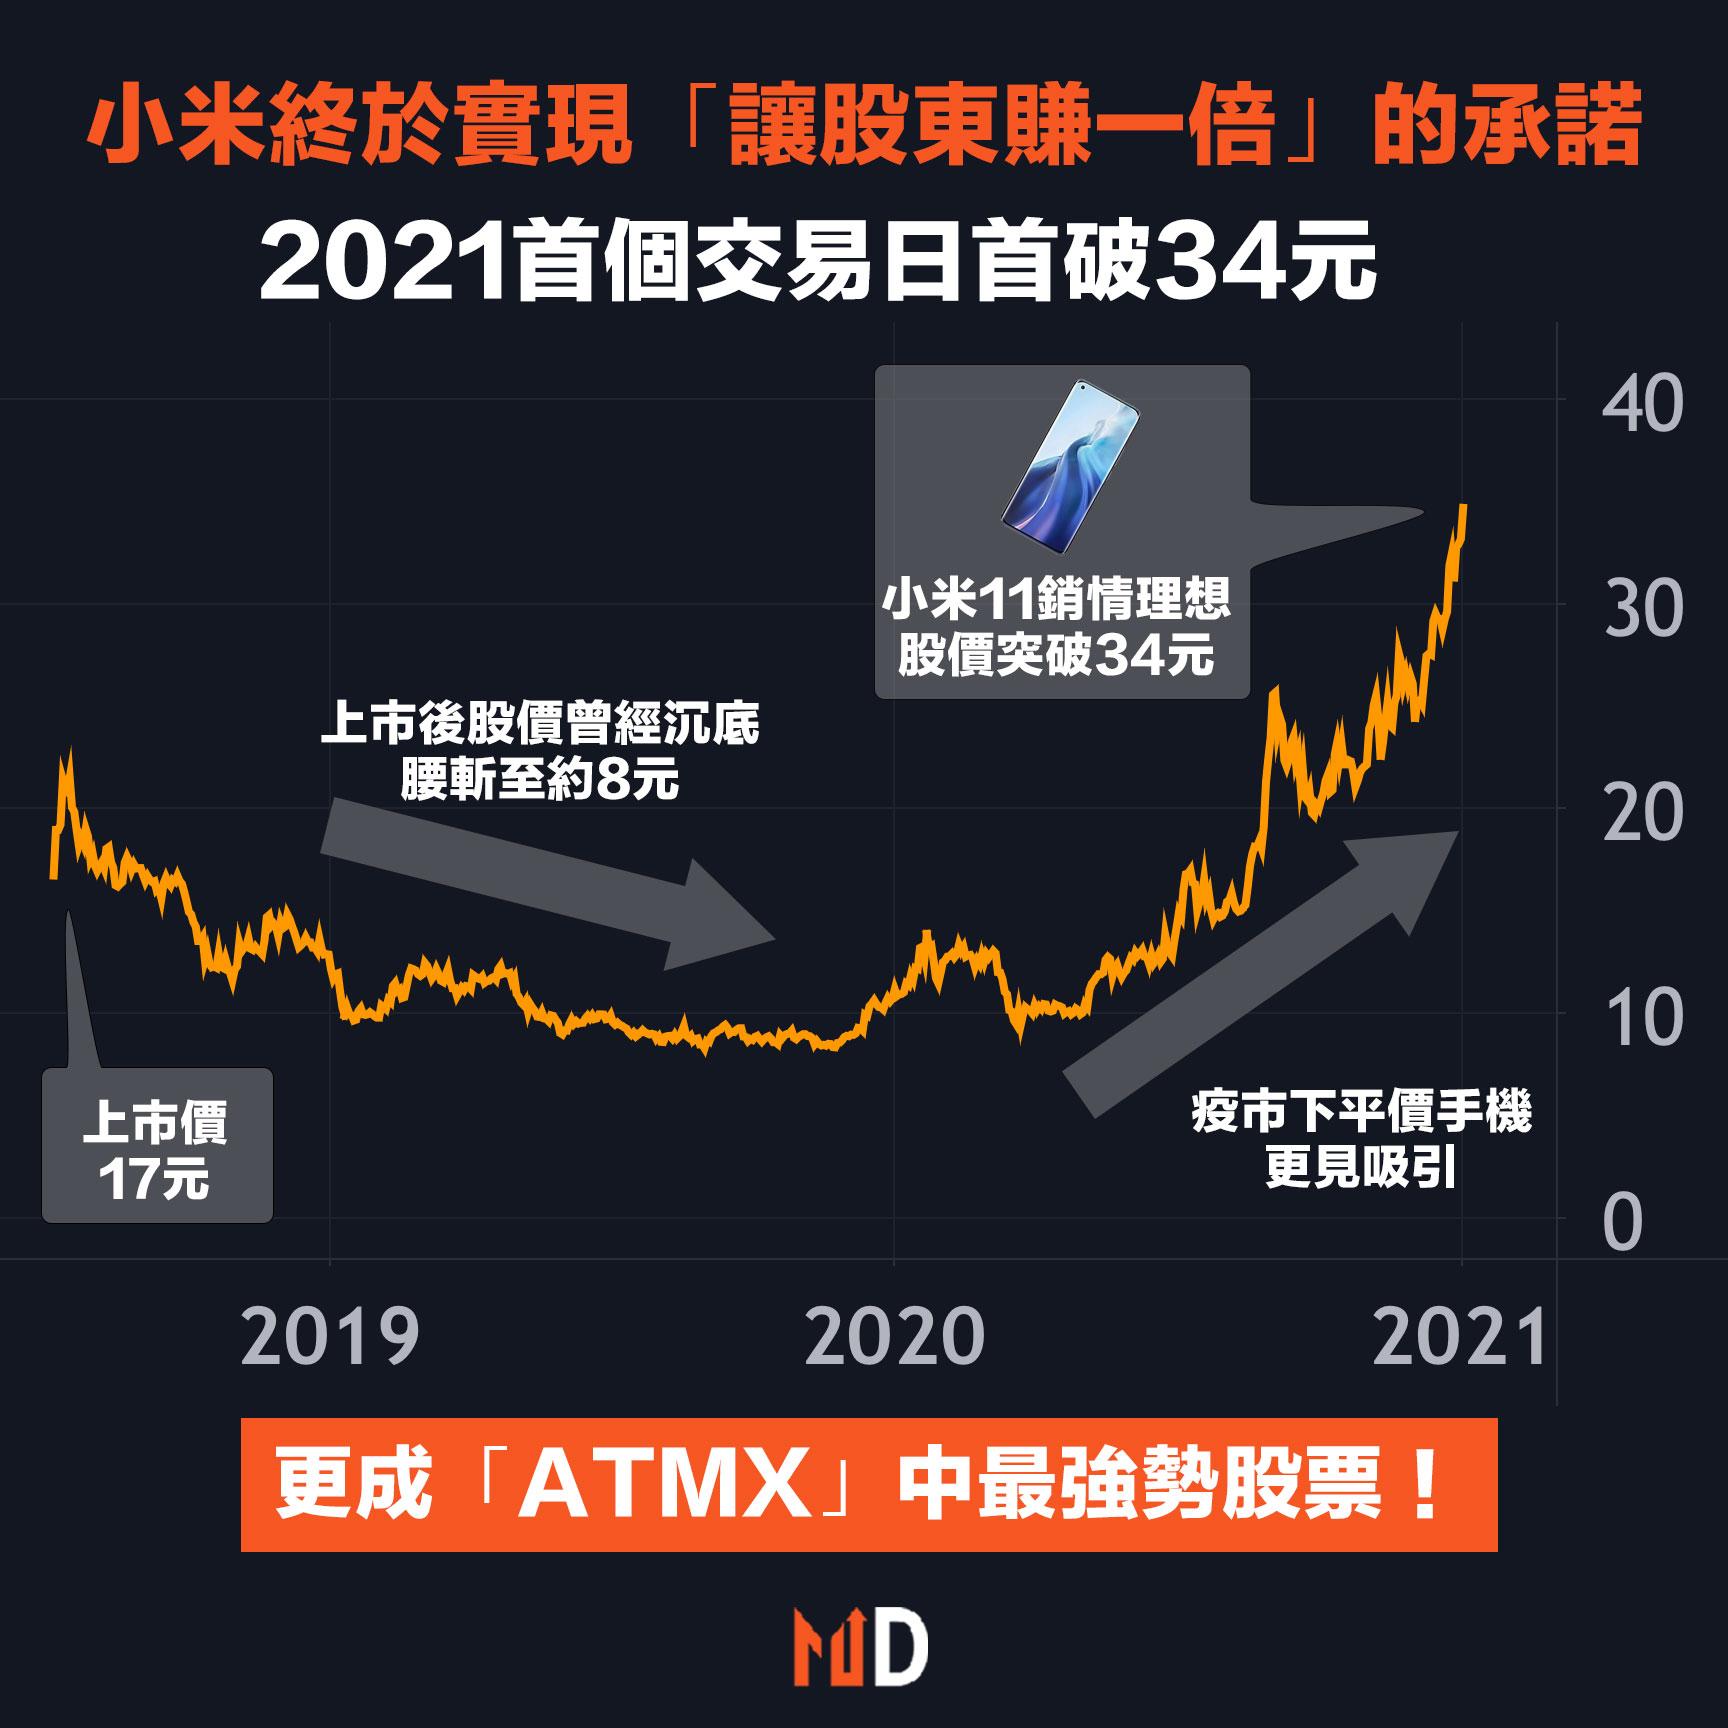 小米終於實現「讓股東賺一倍」的承諾,2021首個交易日首破34元